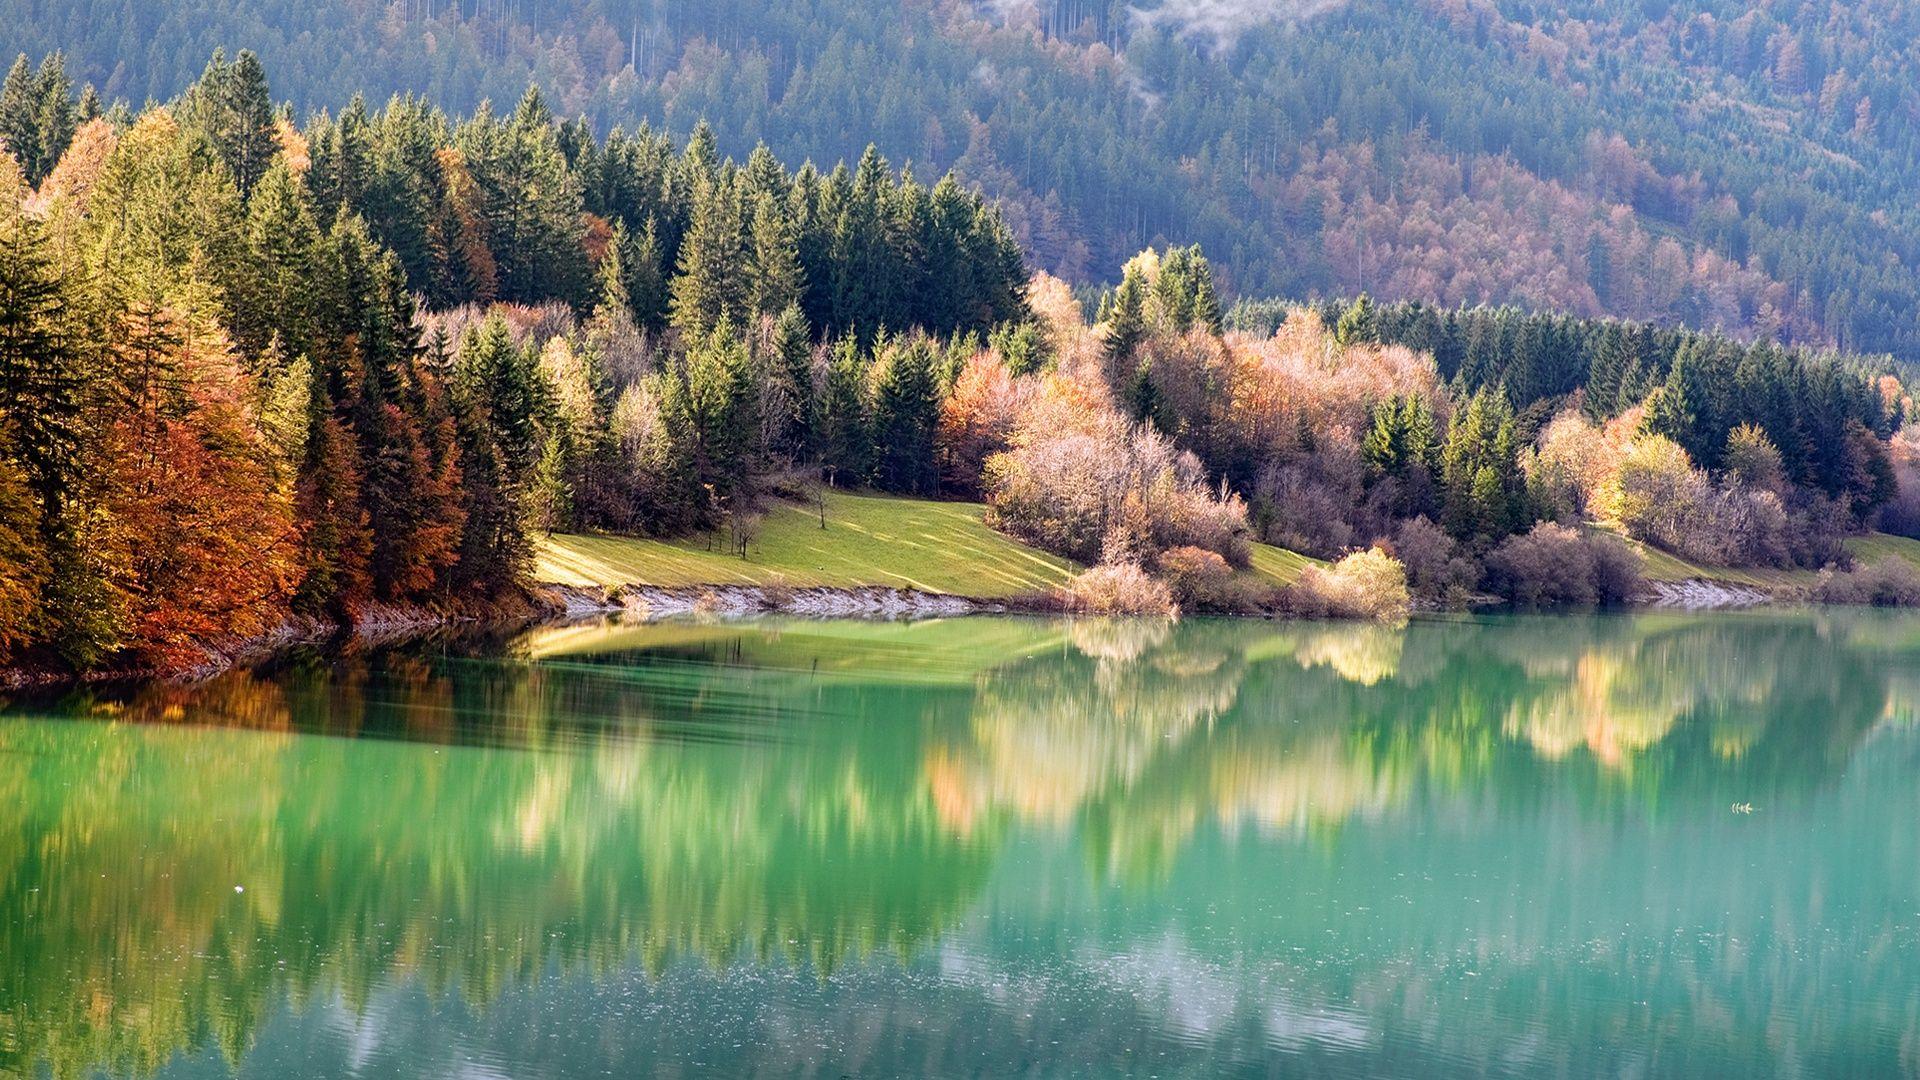 Naturelles Foret Riveraine A L Automne Fonds D Ecran 1920x1080 Full Hd Paysage Automne Fond Ecran Foret